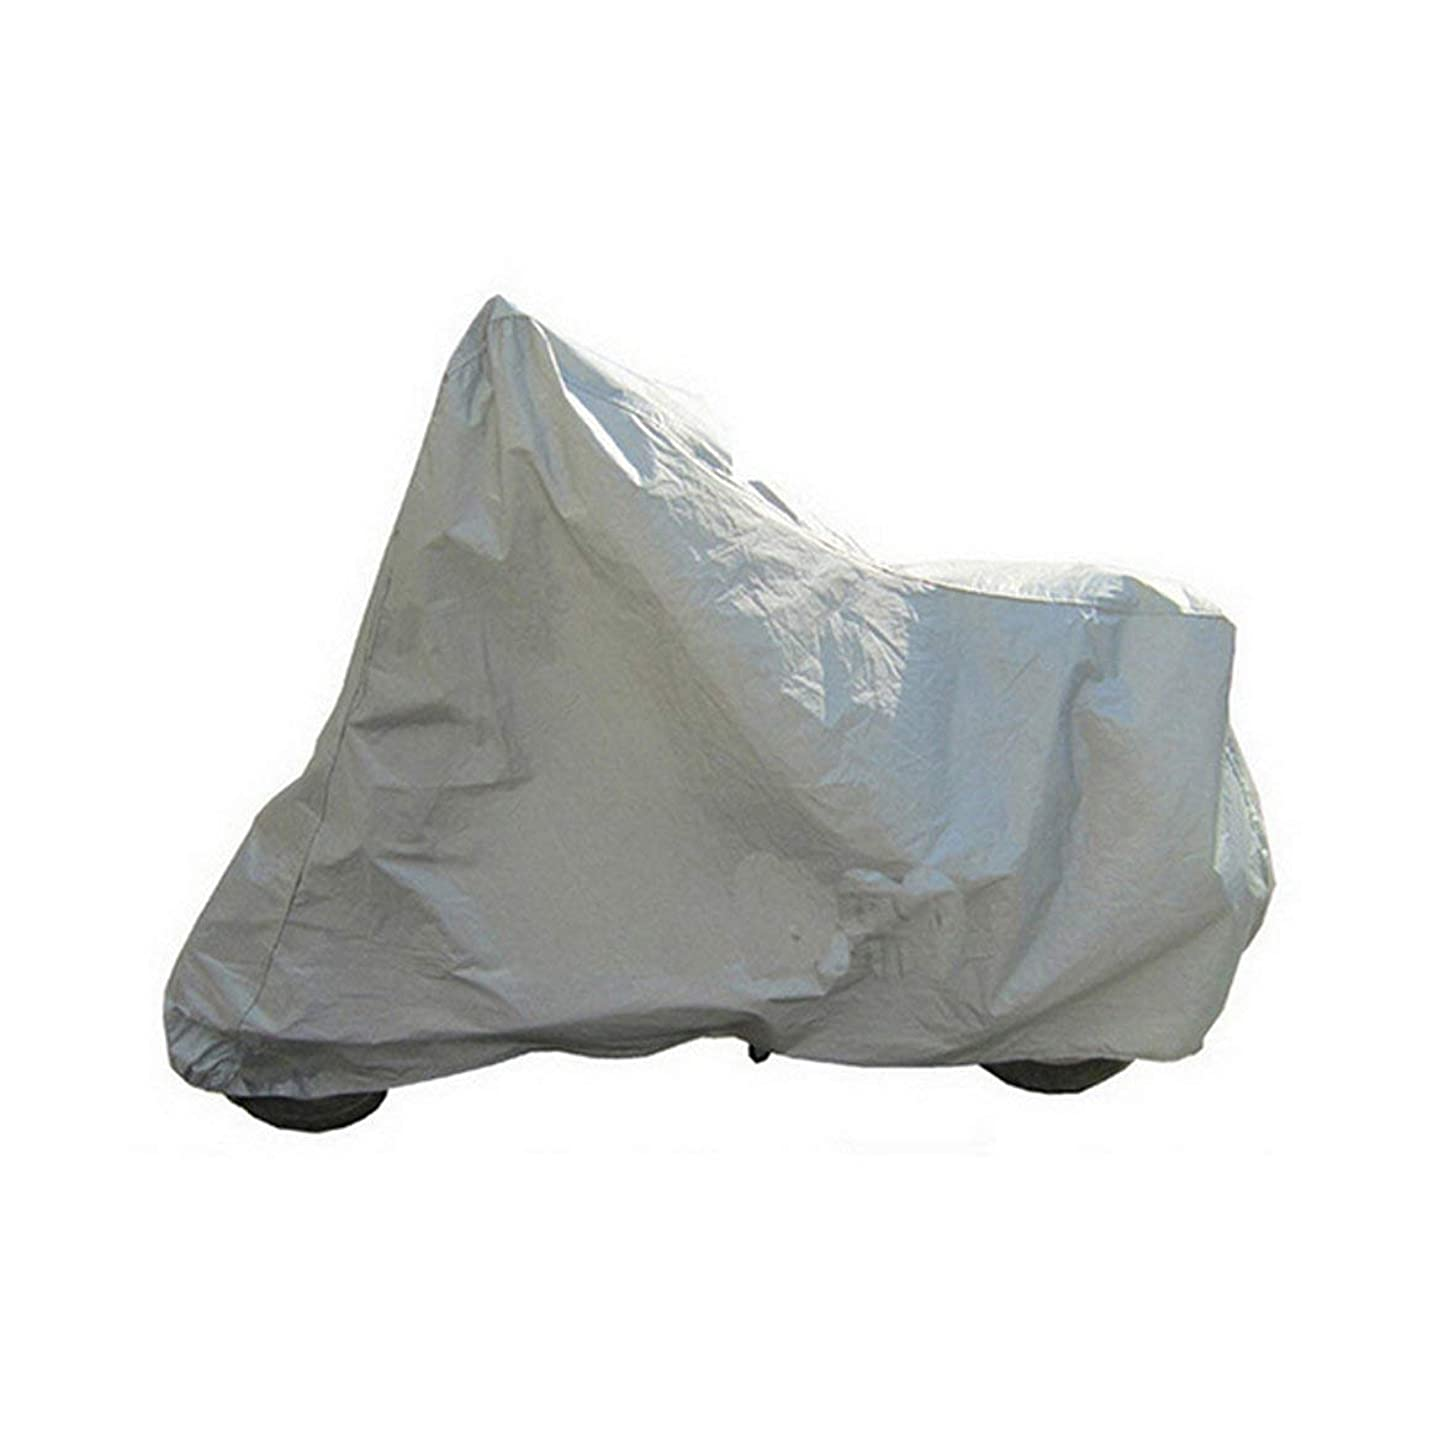 野心インデックス餌Blackfell 完全な保護オートバイカバー抗紫外線防水防塵レインカバーバイク通気性フード屋外屋内テント